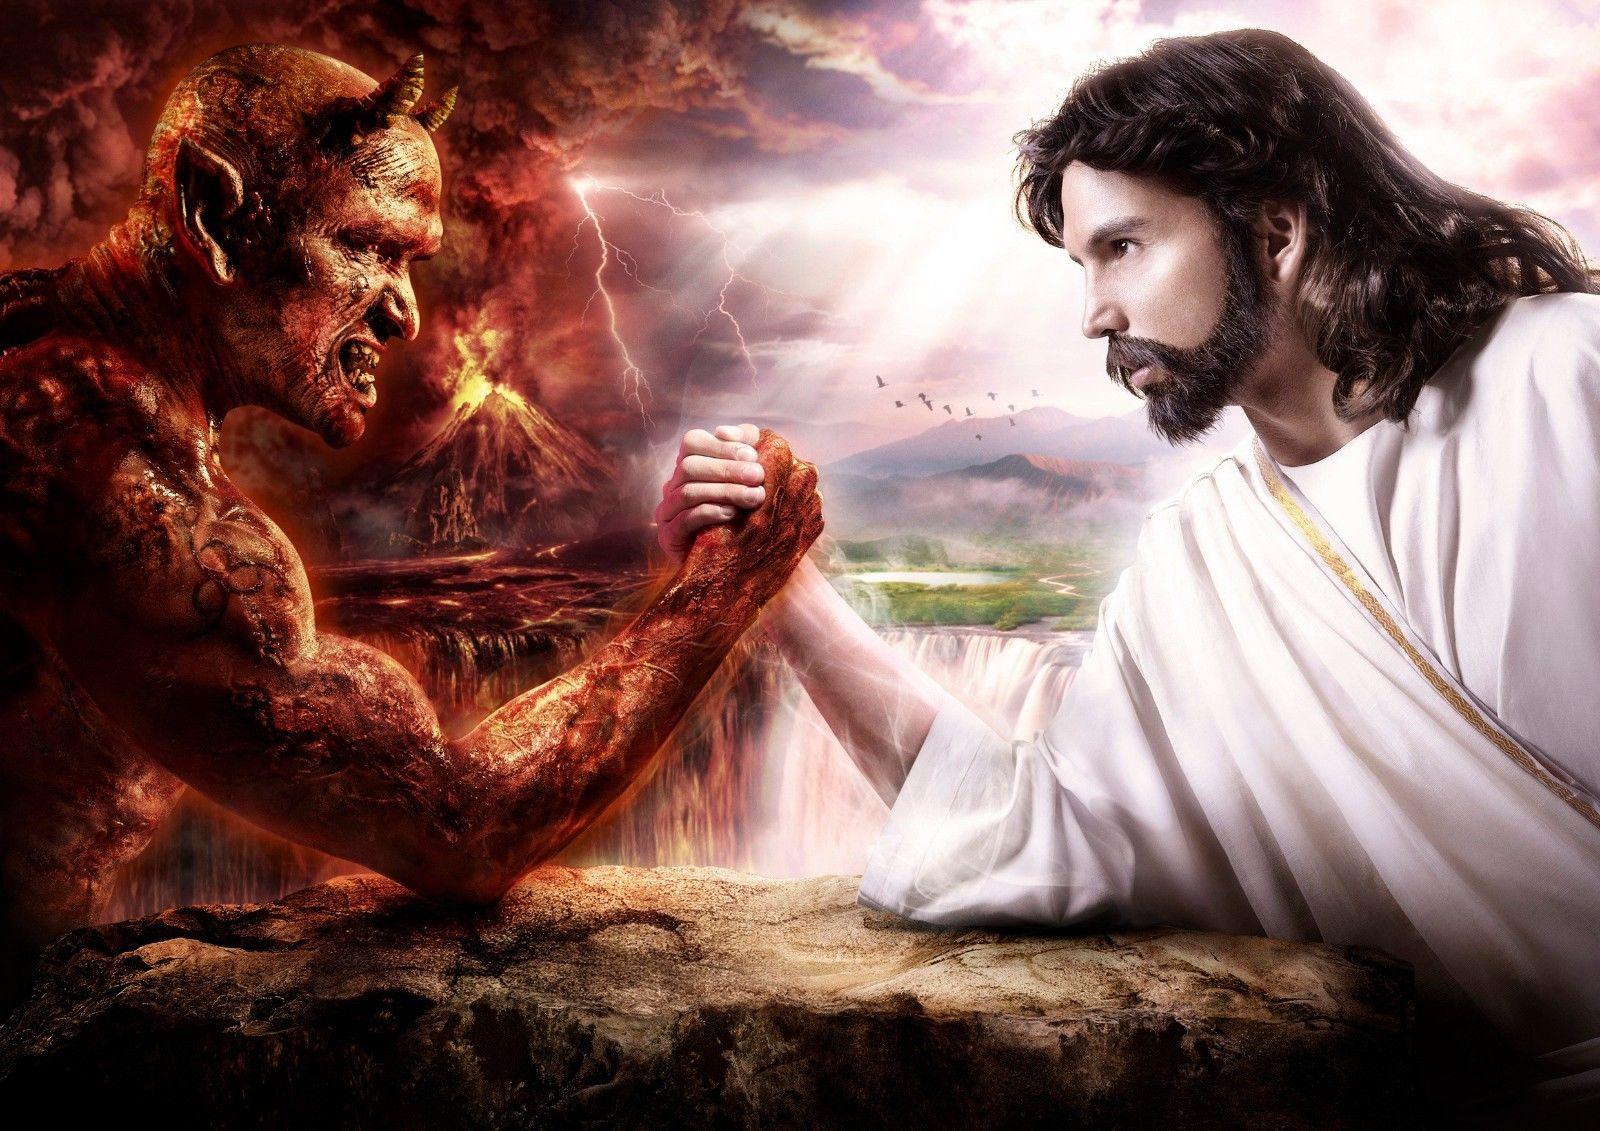 L'Aie conferma la costante presenza ed esistenza del Diavolo